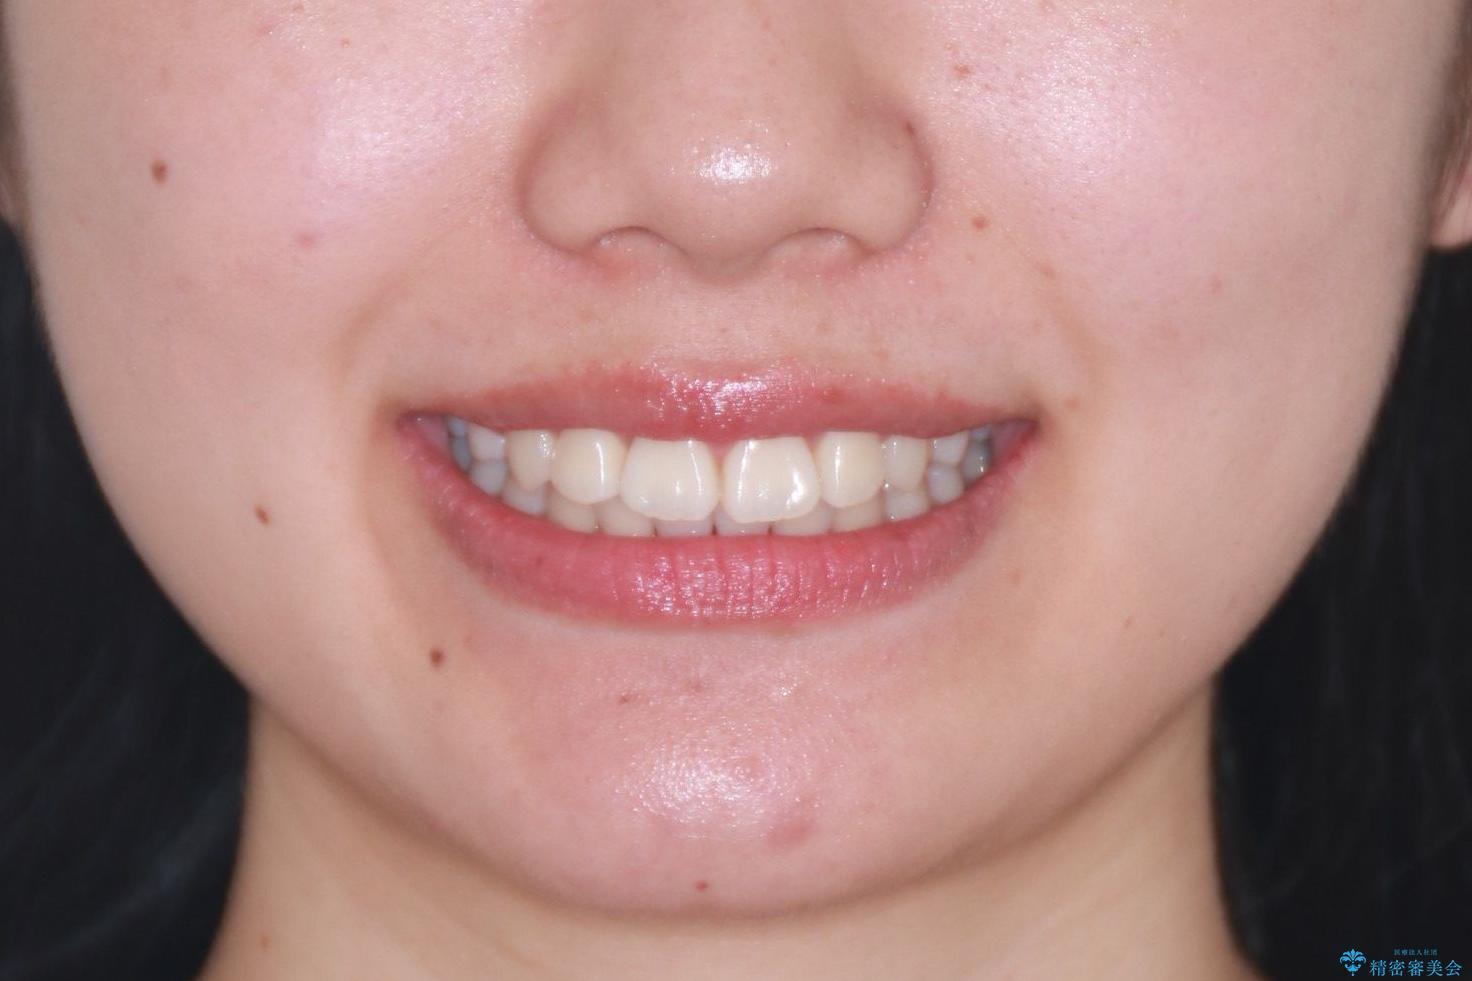 笑顔がきれいになった。抜歯矯正(審美装置)の治療後(顔貌)